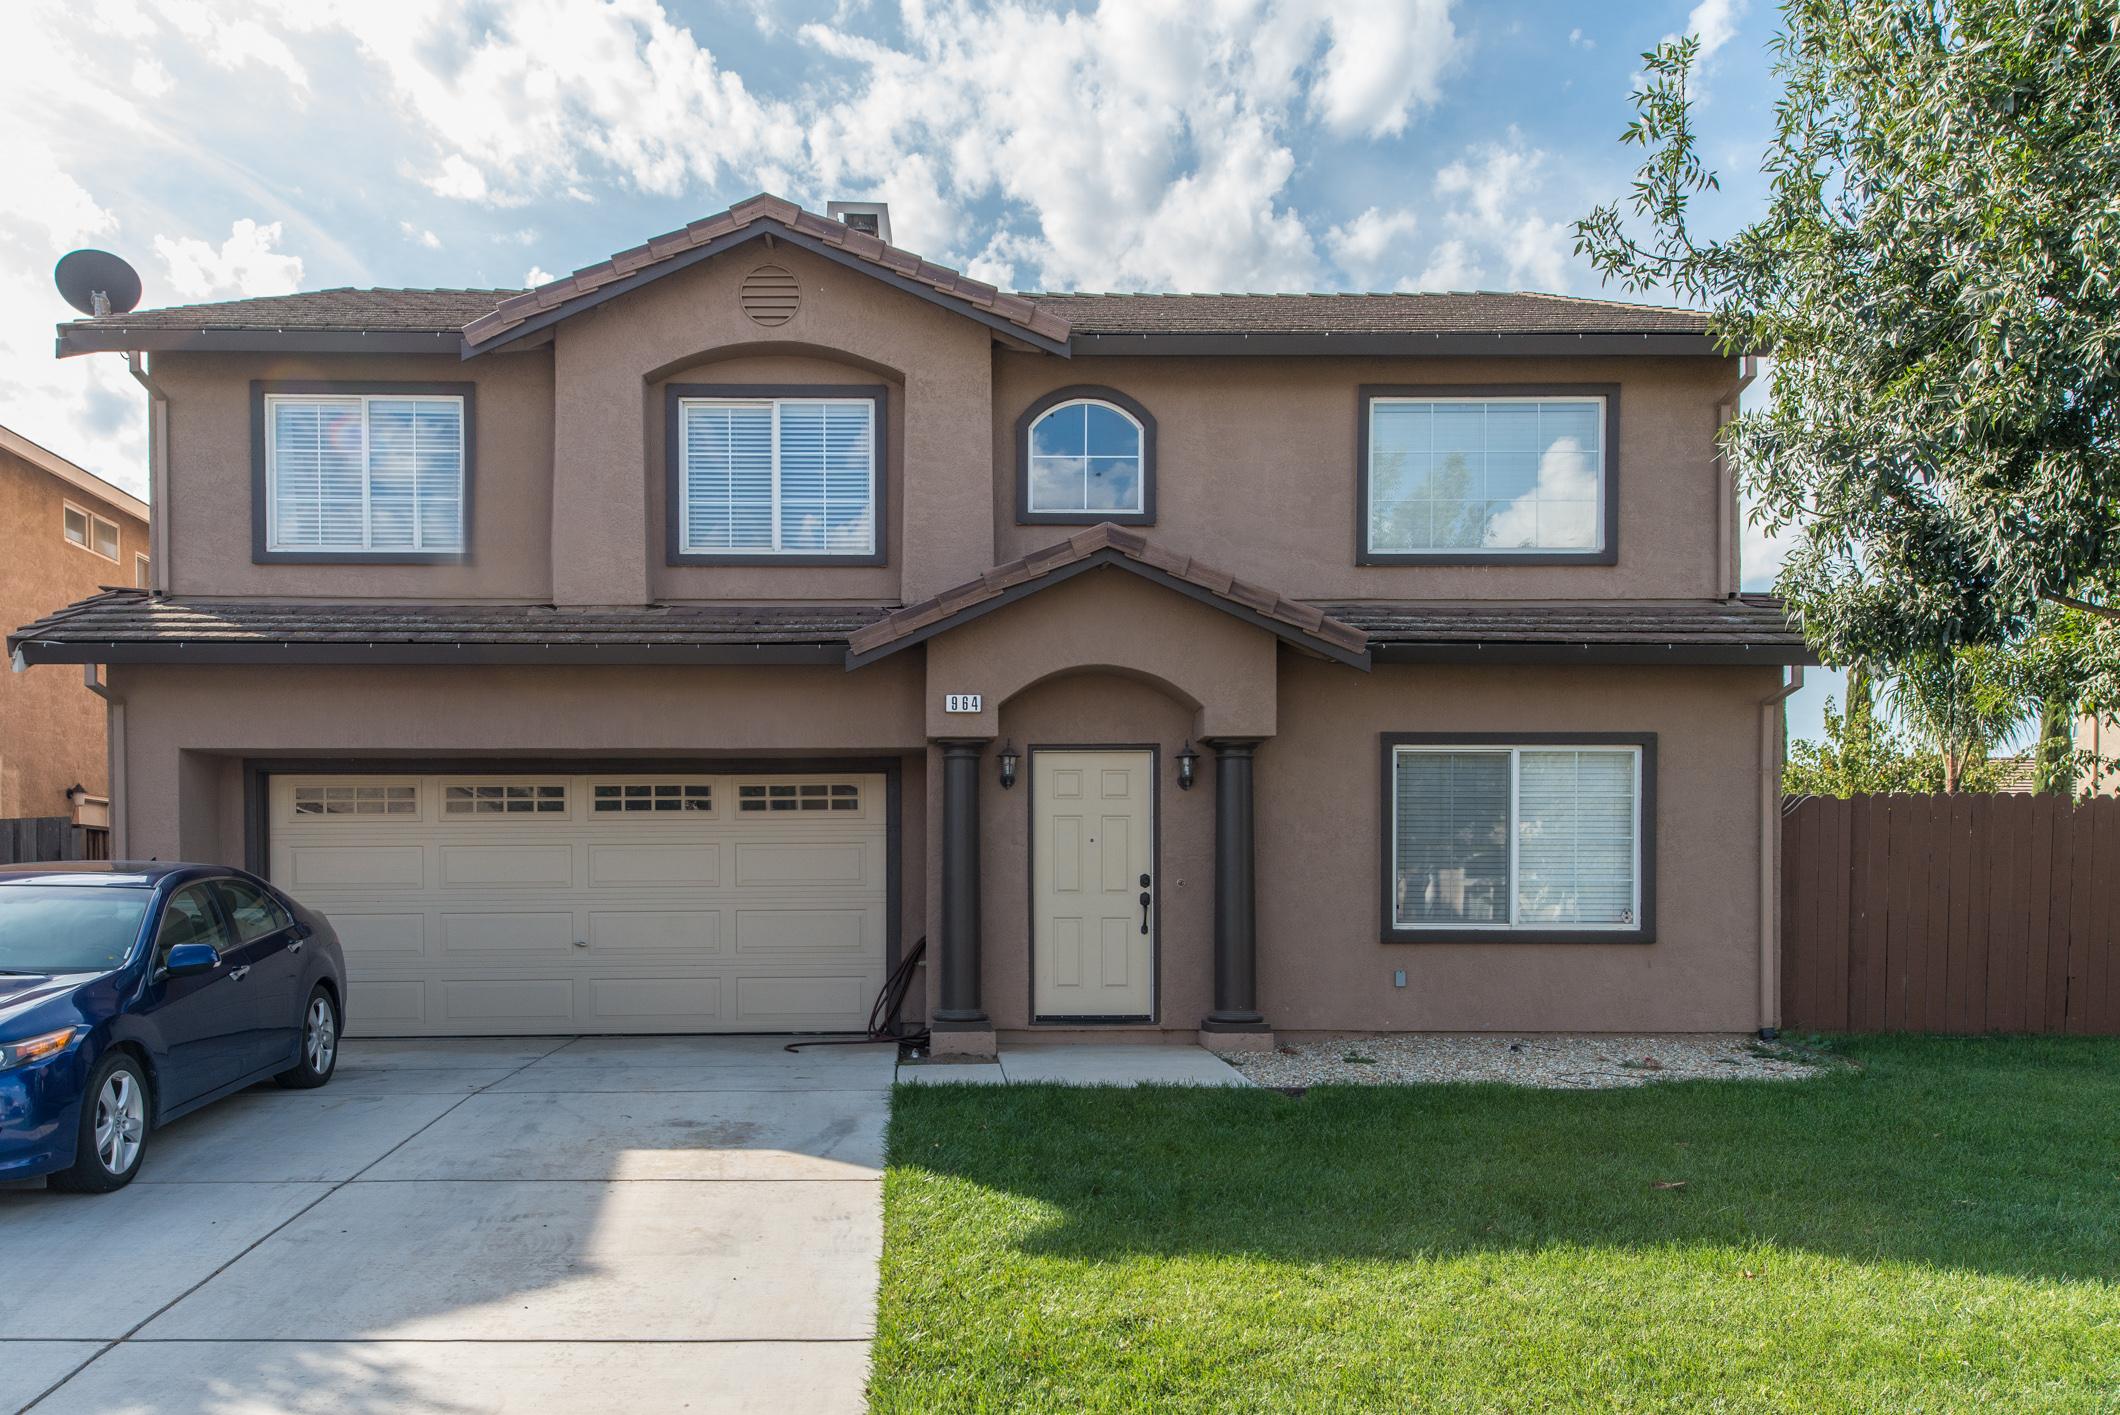 964 Entrada Drive, Soledad, CA 93960